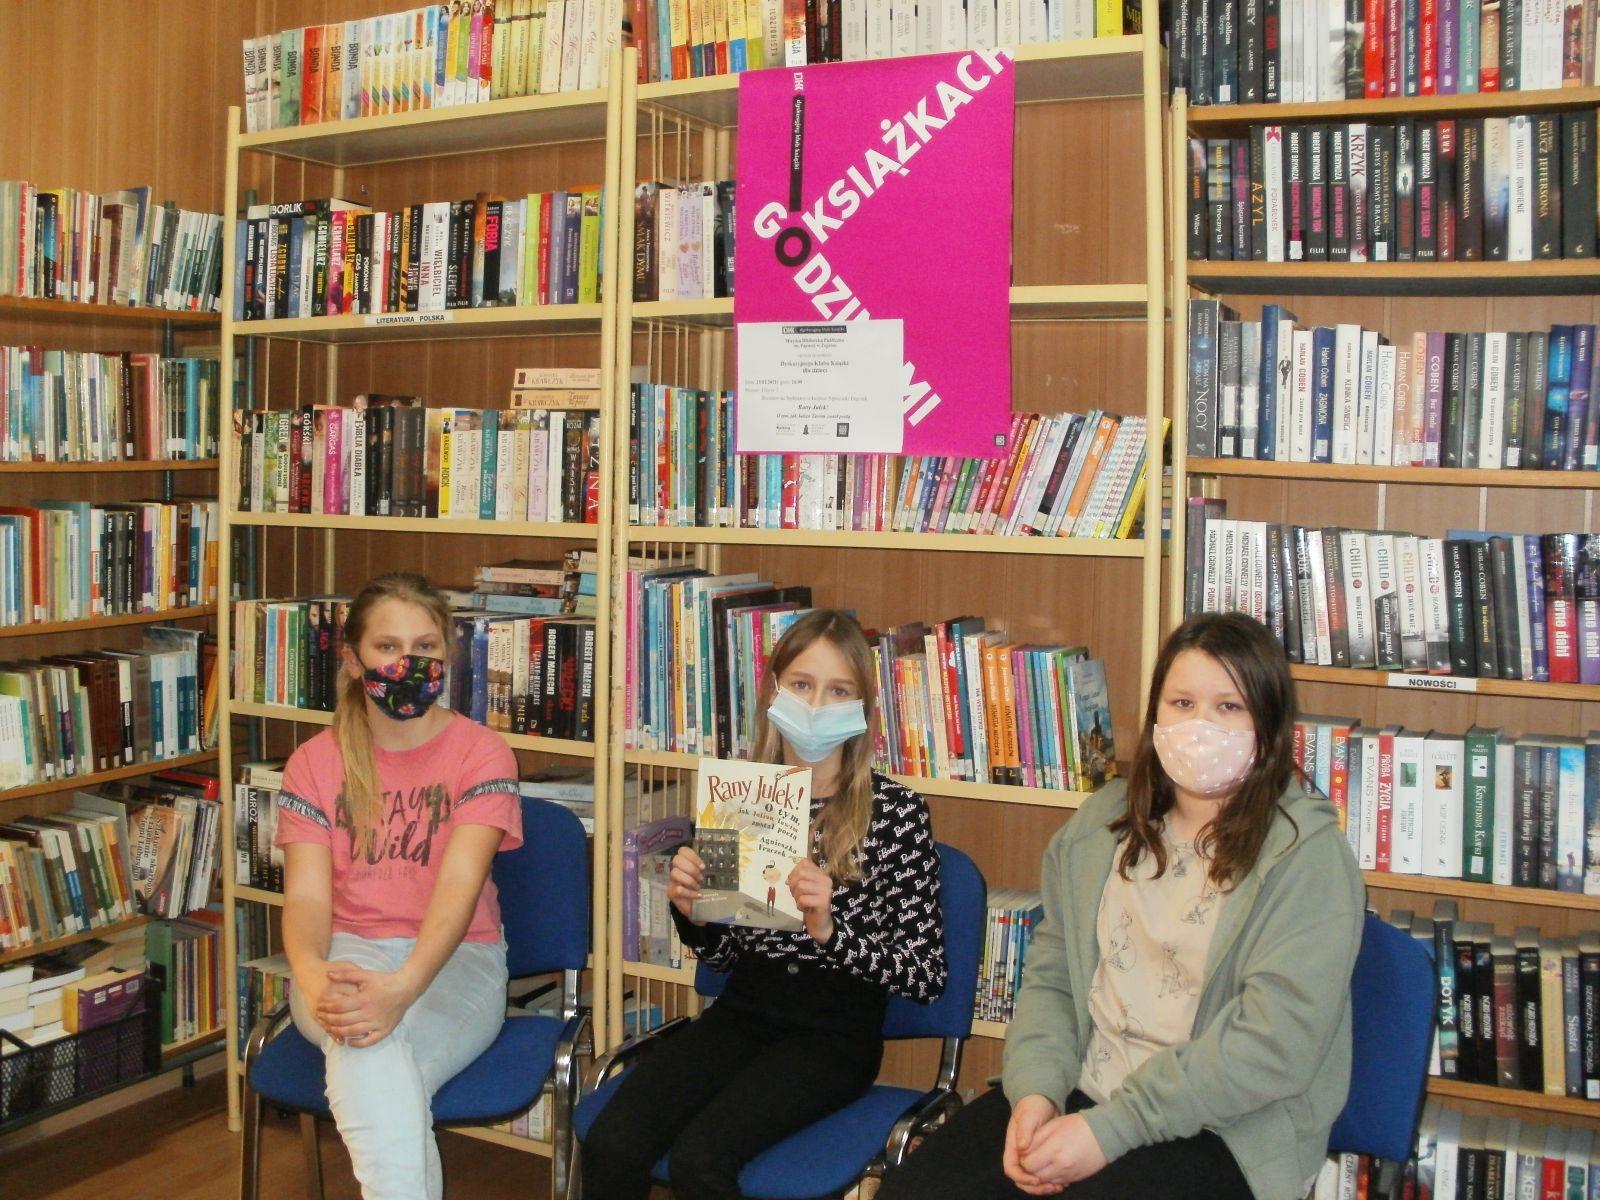 Zdjęcie. Na tle regałów bibliotecznych z książkami na niebieskich krzesłach siedzą trzy uczennice. Środkowa trzyma w rękach przeczytaną książkę. Nad nimi wisi różowy plakat O książkach Godzinami. Wszystkie mają na twarzach maseczki.